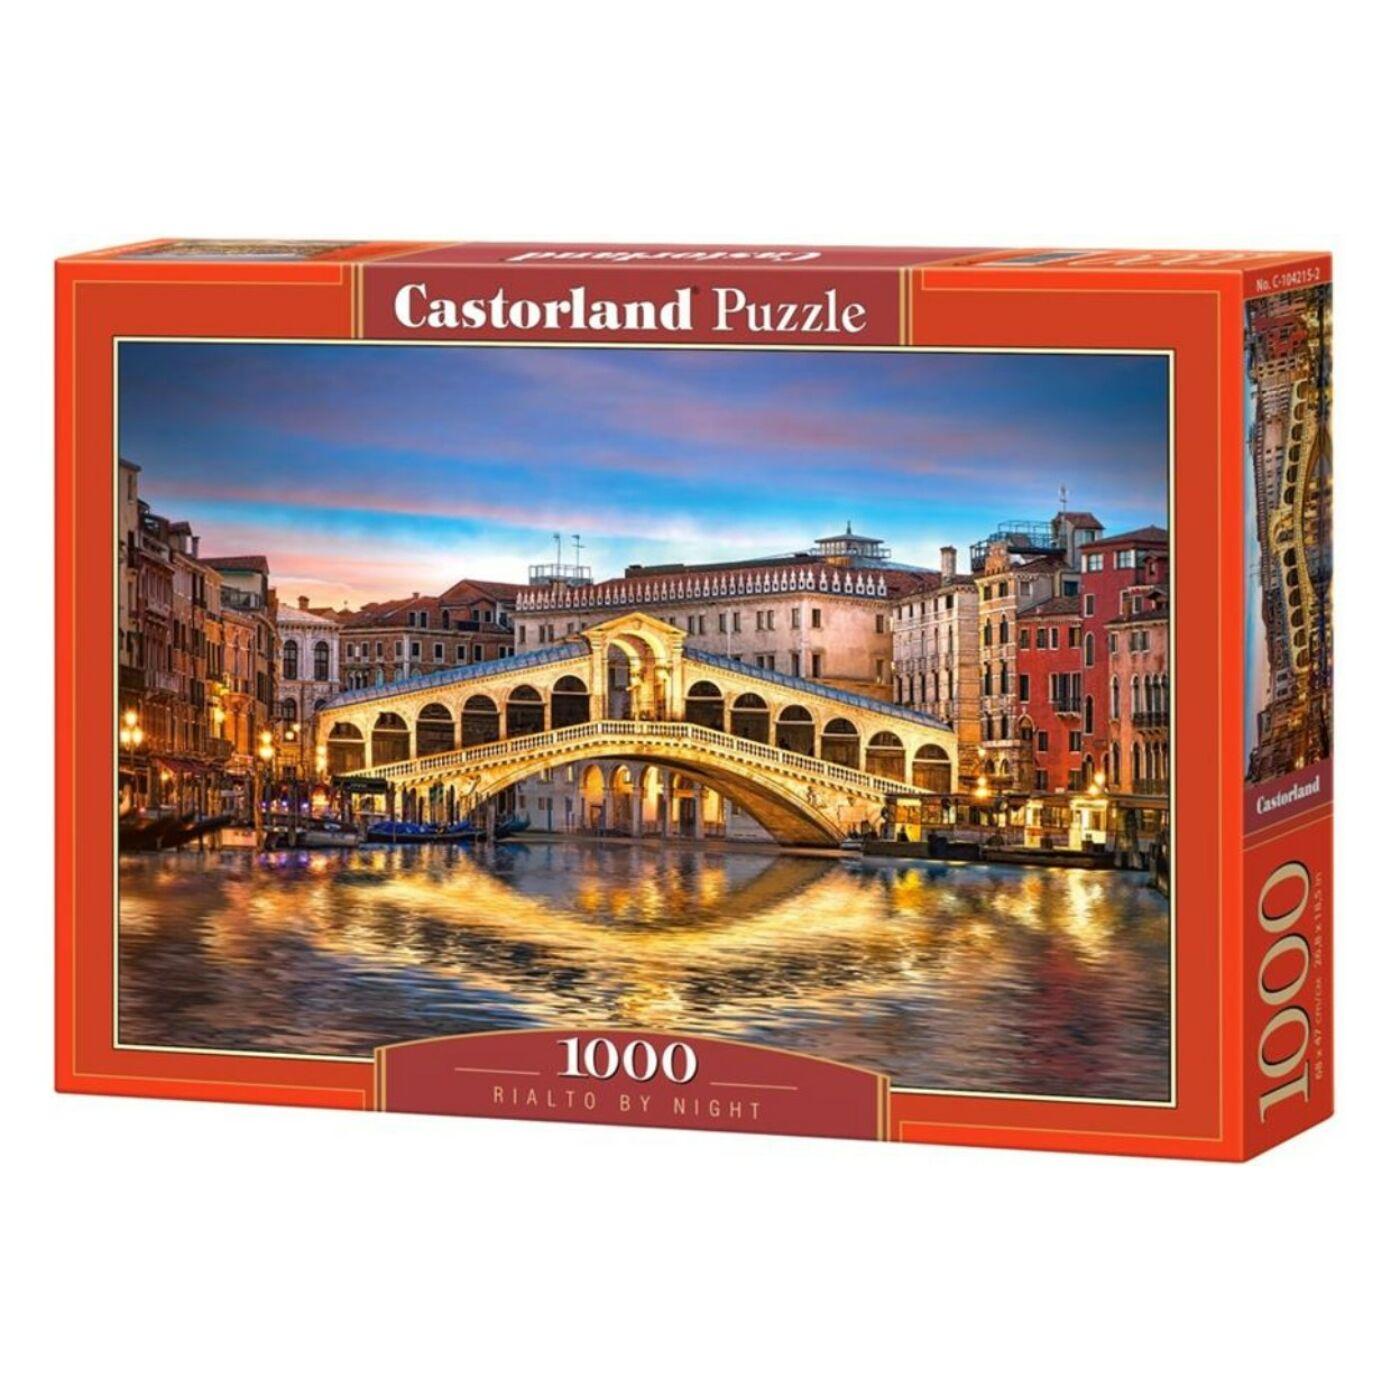 1000 db-os Castorland Puzzle - Rialto éjjel